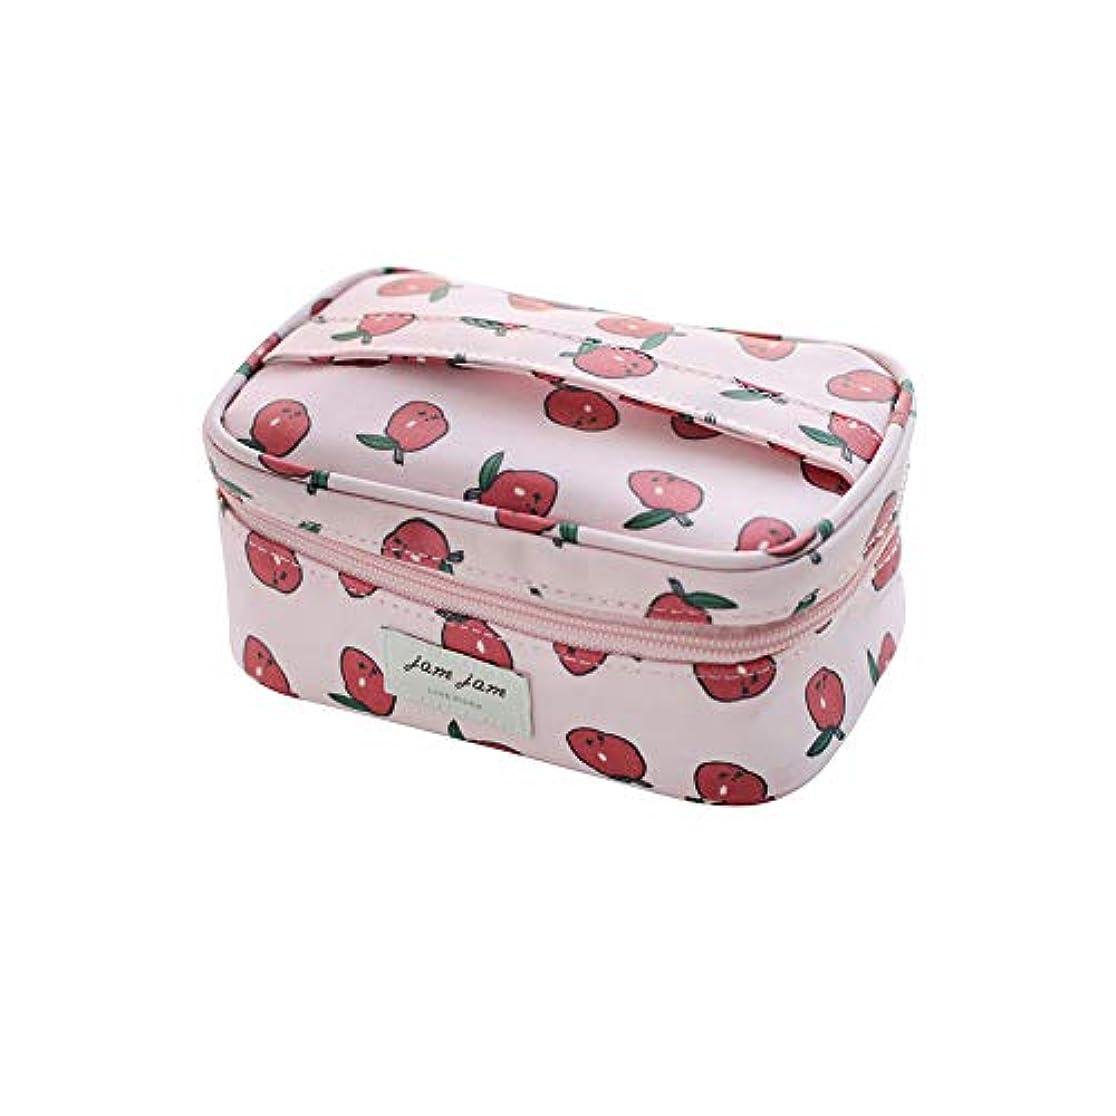 故国流教会[LIVEWORK] JAM JAM makeup pouch (camellia flower) ジェムジェムメイクポーチ(カメリアフラワー) ブラッシュ メイクアップ ポーチ ピンク